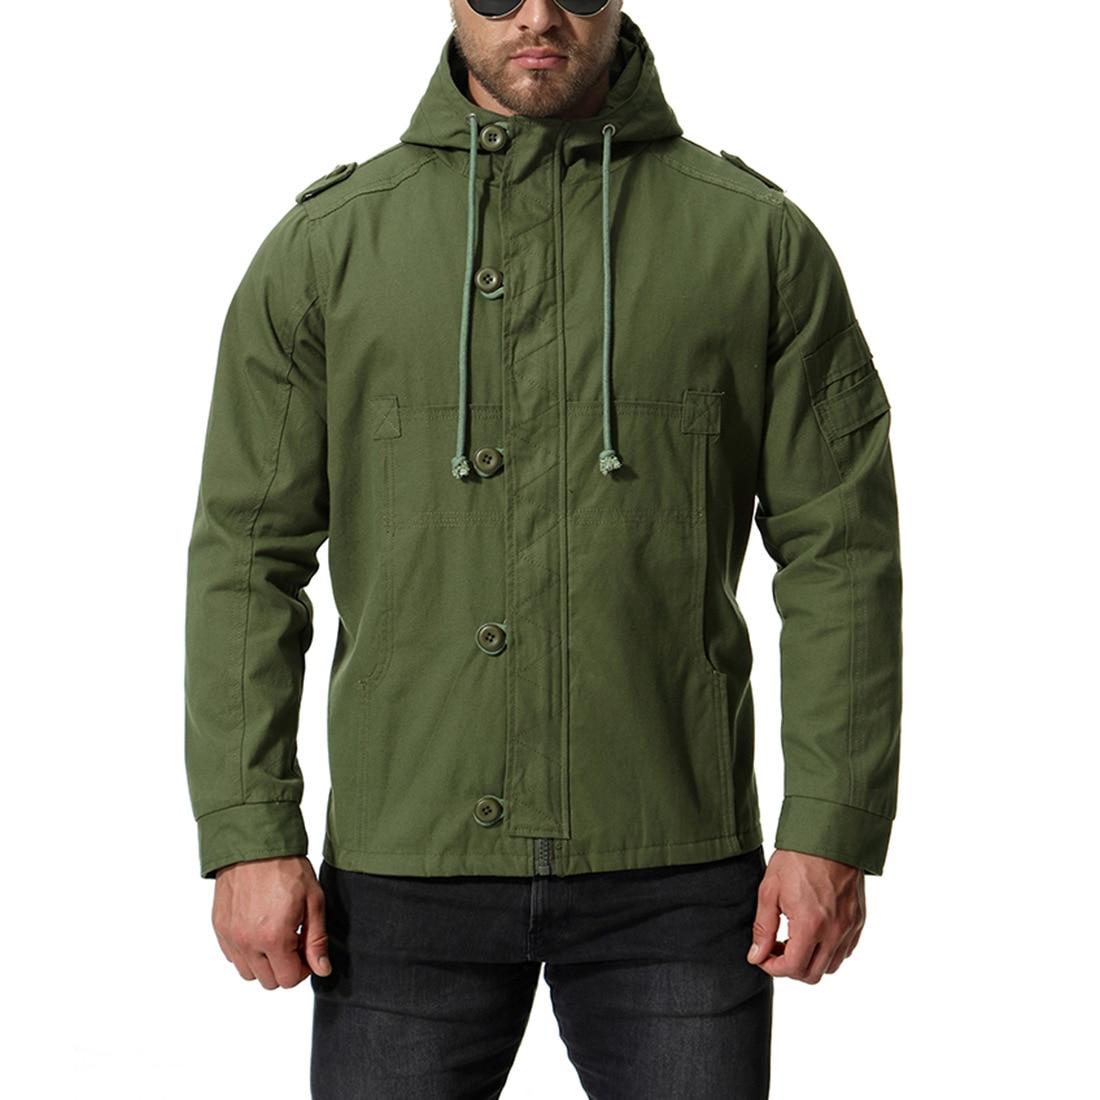 Nz686 Lâche Capuche Homme army Noir Casual Poitrine Automne Chaqueta Mujer Blousons Hommes Avec Manteau Unique kaki Green Veste 4g11O